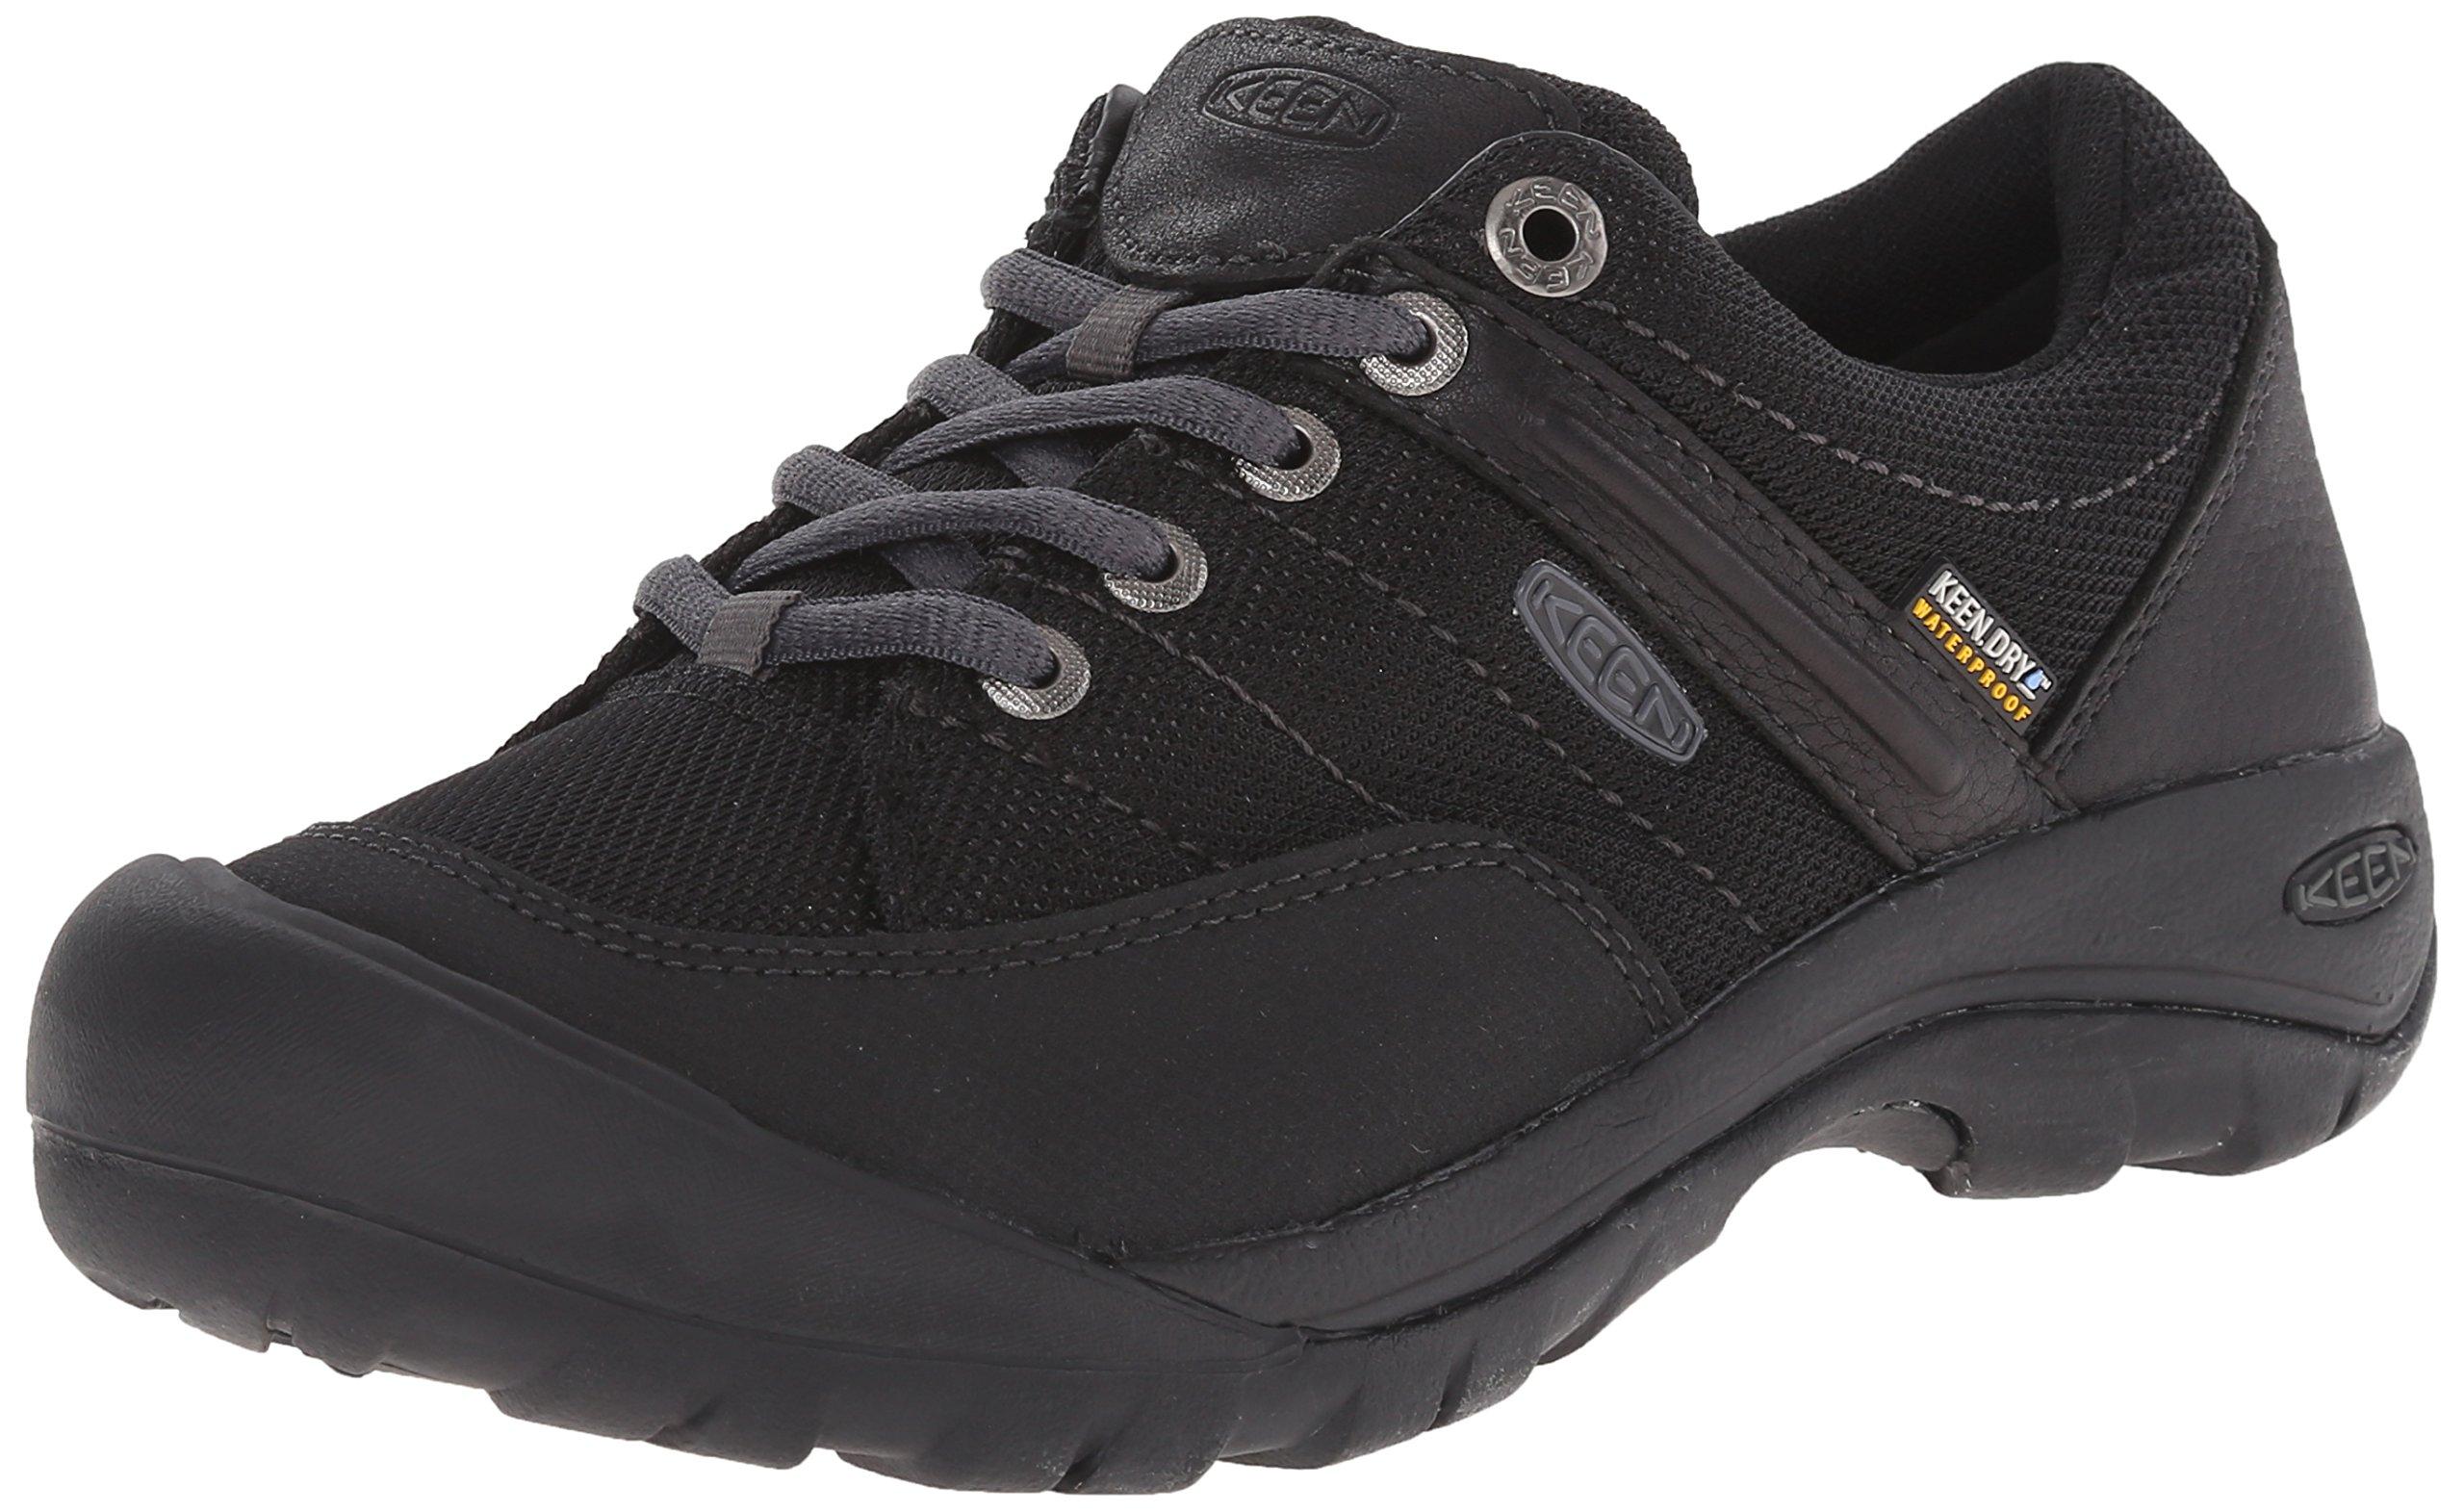 KEEN Women's Presidio Sport Mesh Waterproof Shoe, Black, 8.5 M US